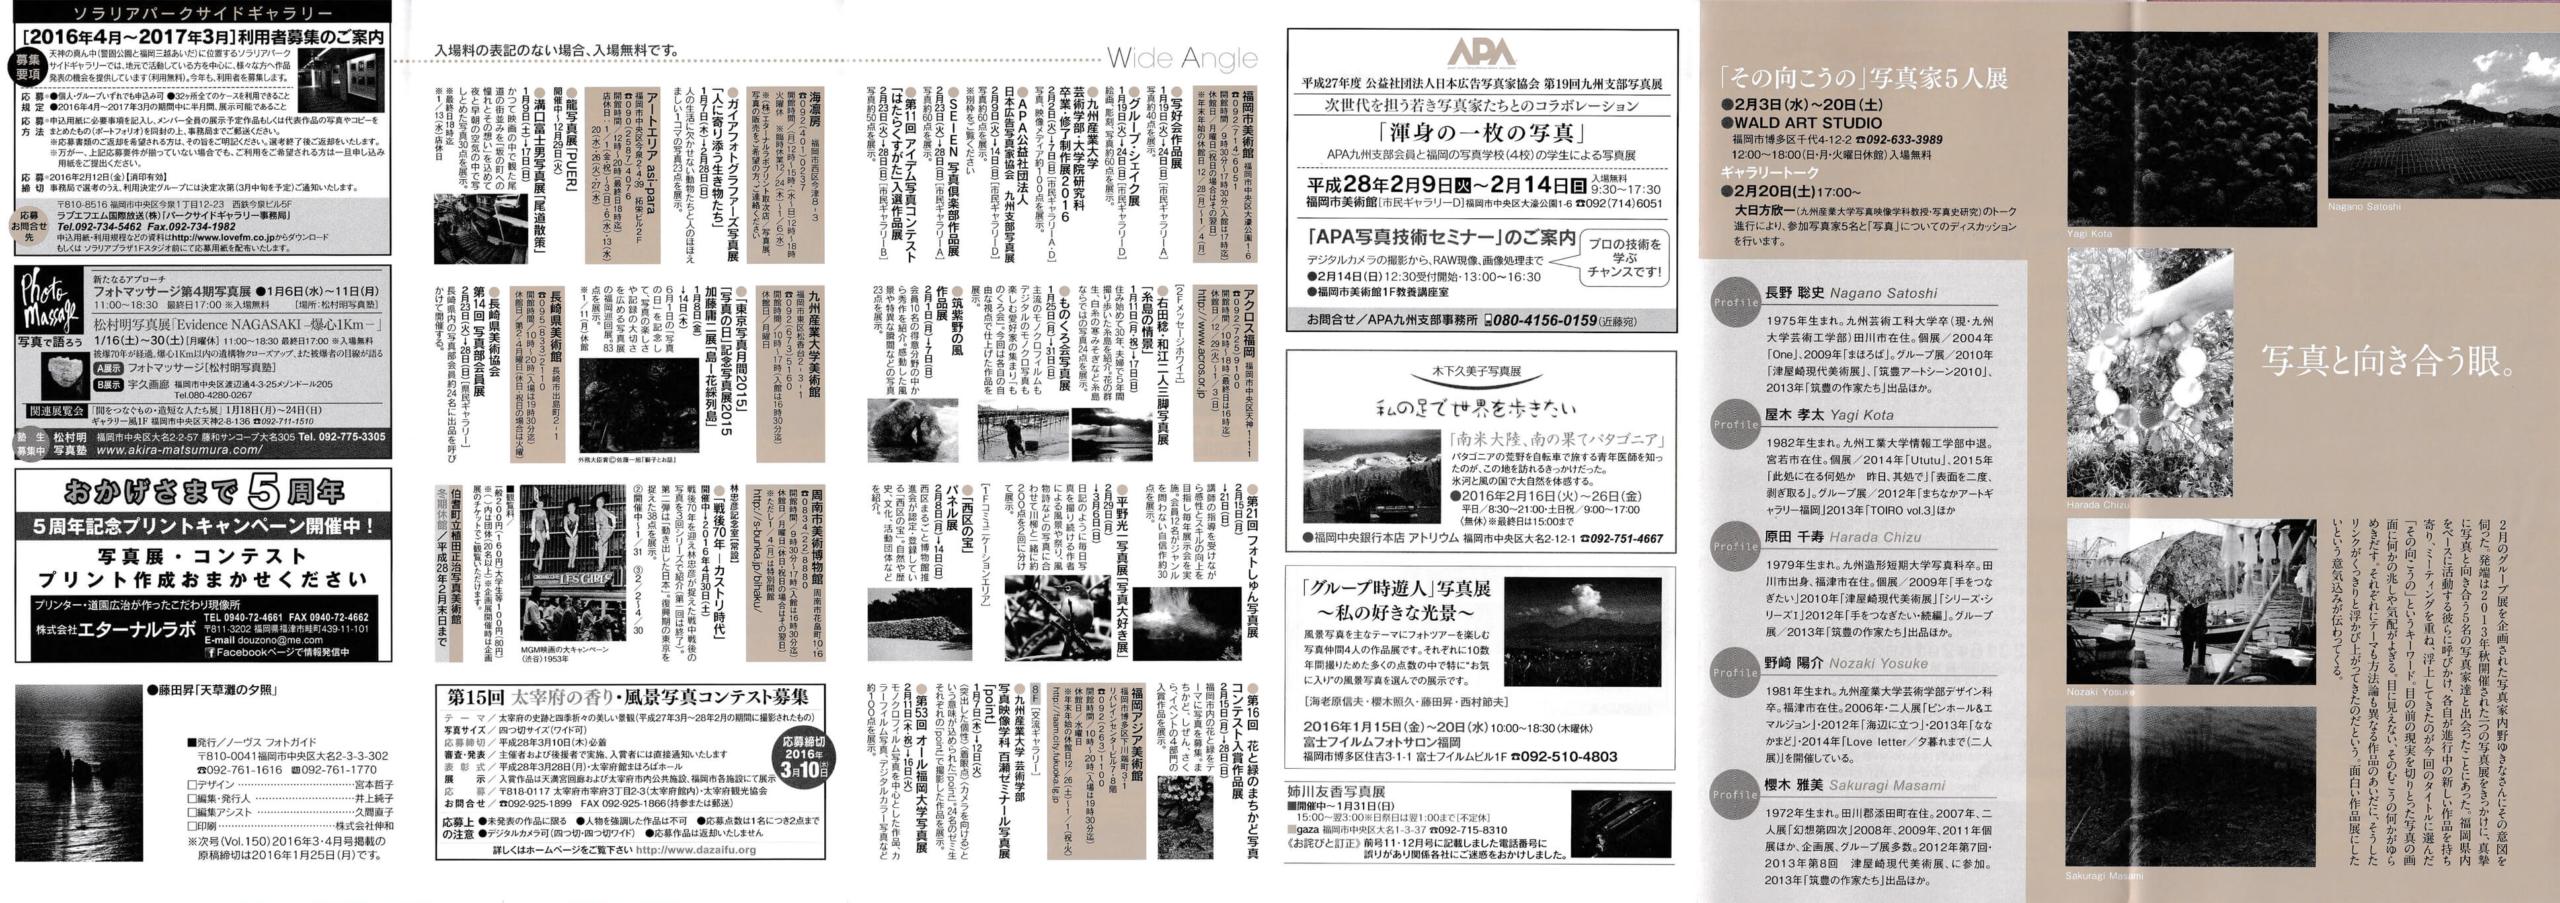 フォトガイドふくおか|アーカイブ|vol149